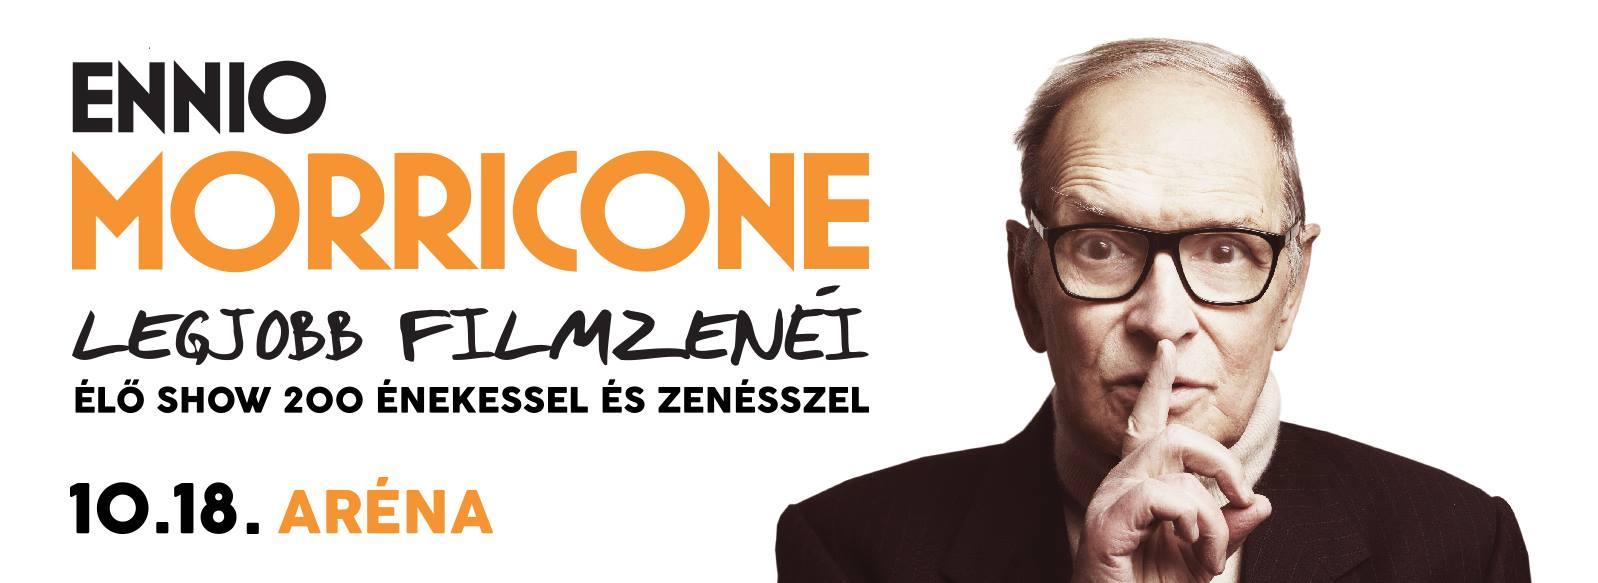 Ennio-morricone-filmzenei-koncert-2017-budapest-papp-laszlo-sportarena-jegyarak